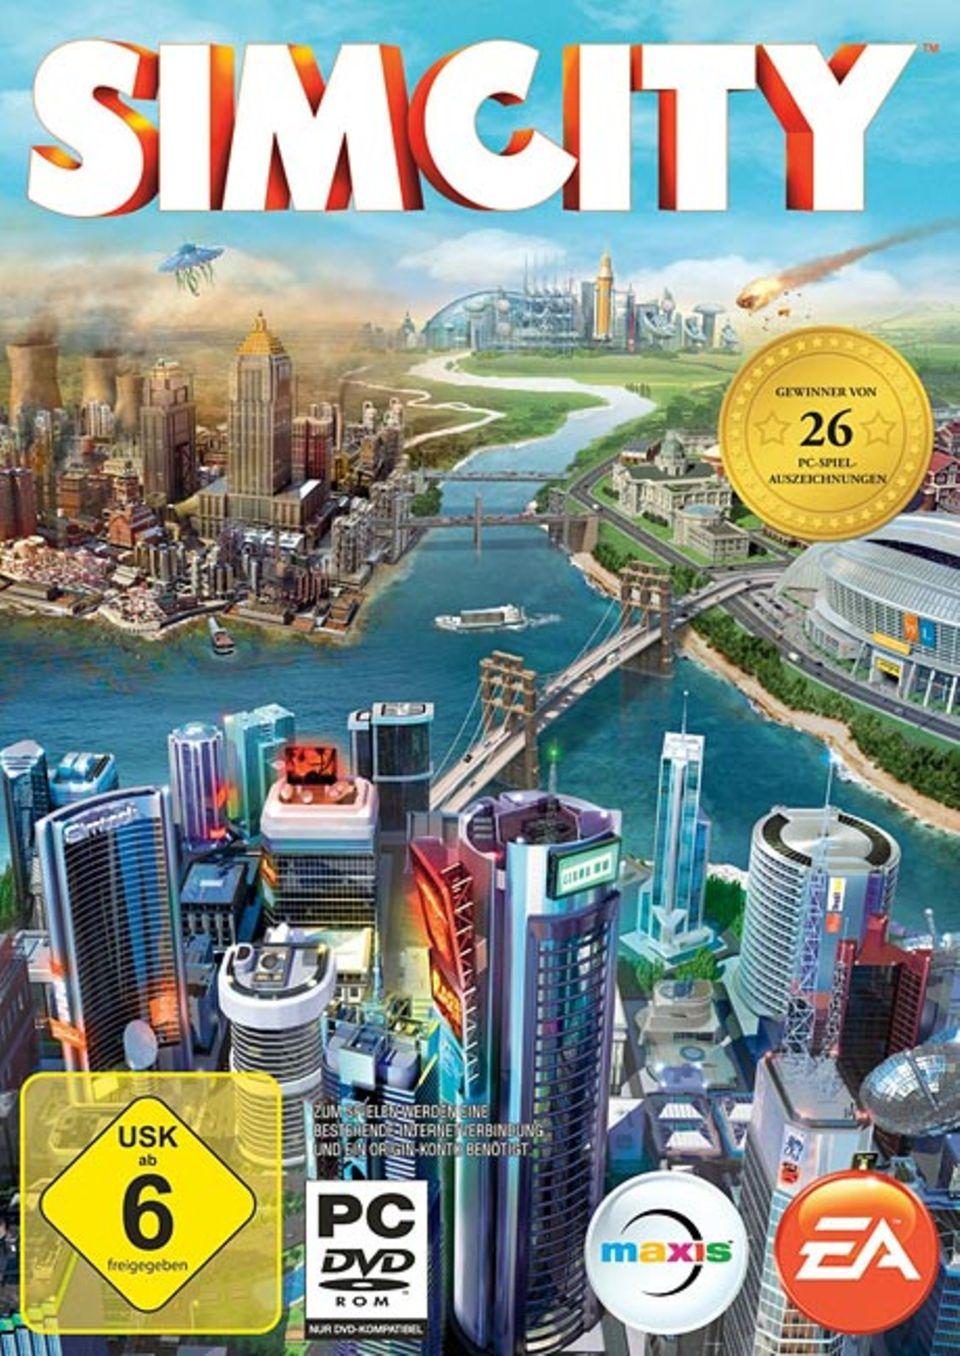 Spieletests: Baut eure eigene Stadt: mit SimCity